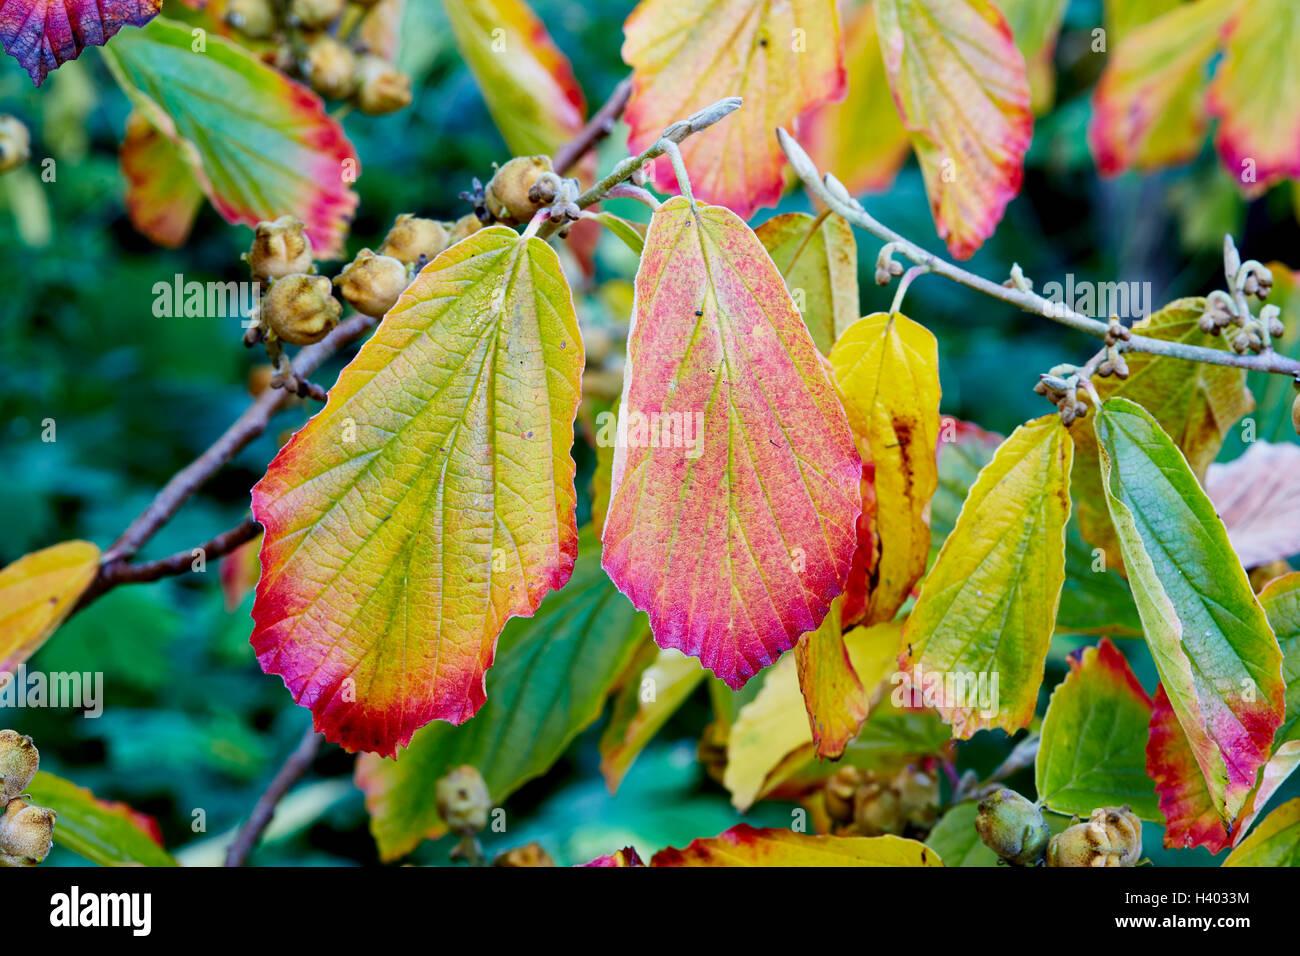 Hamamelis Baum Herbst Farbe in den Blättern mit seiner Frucht ...